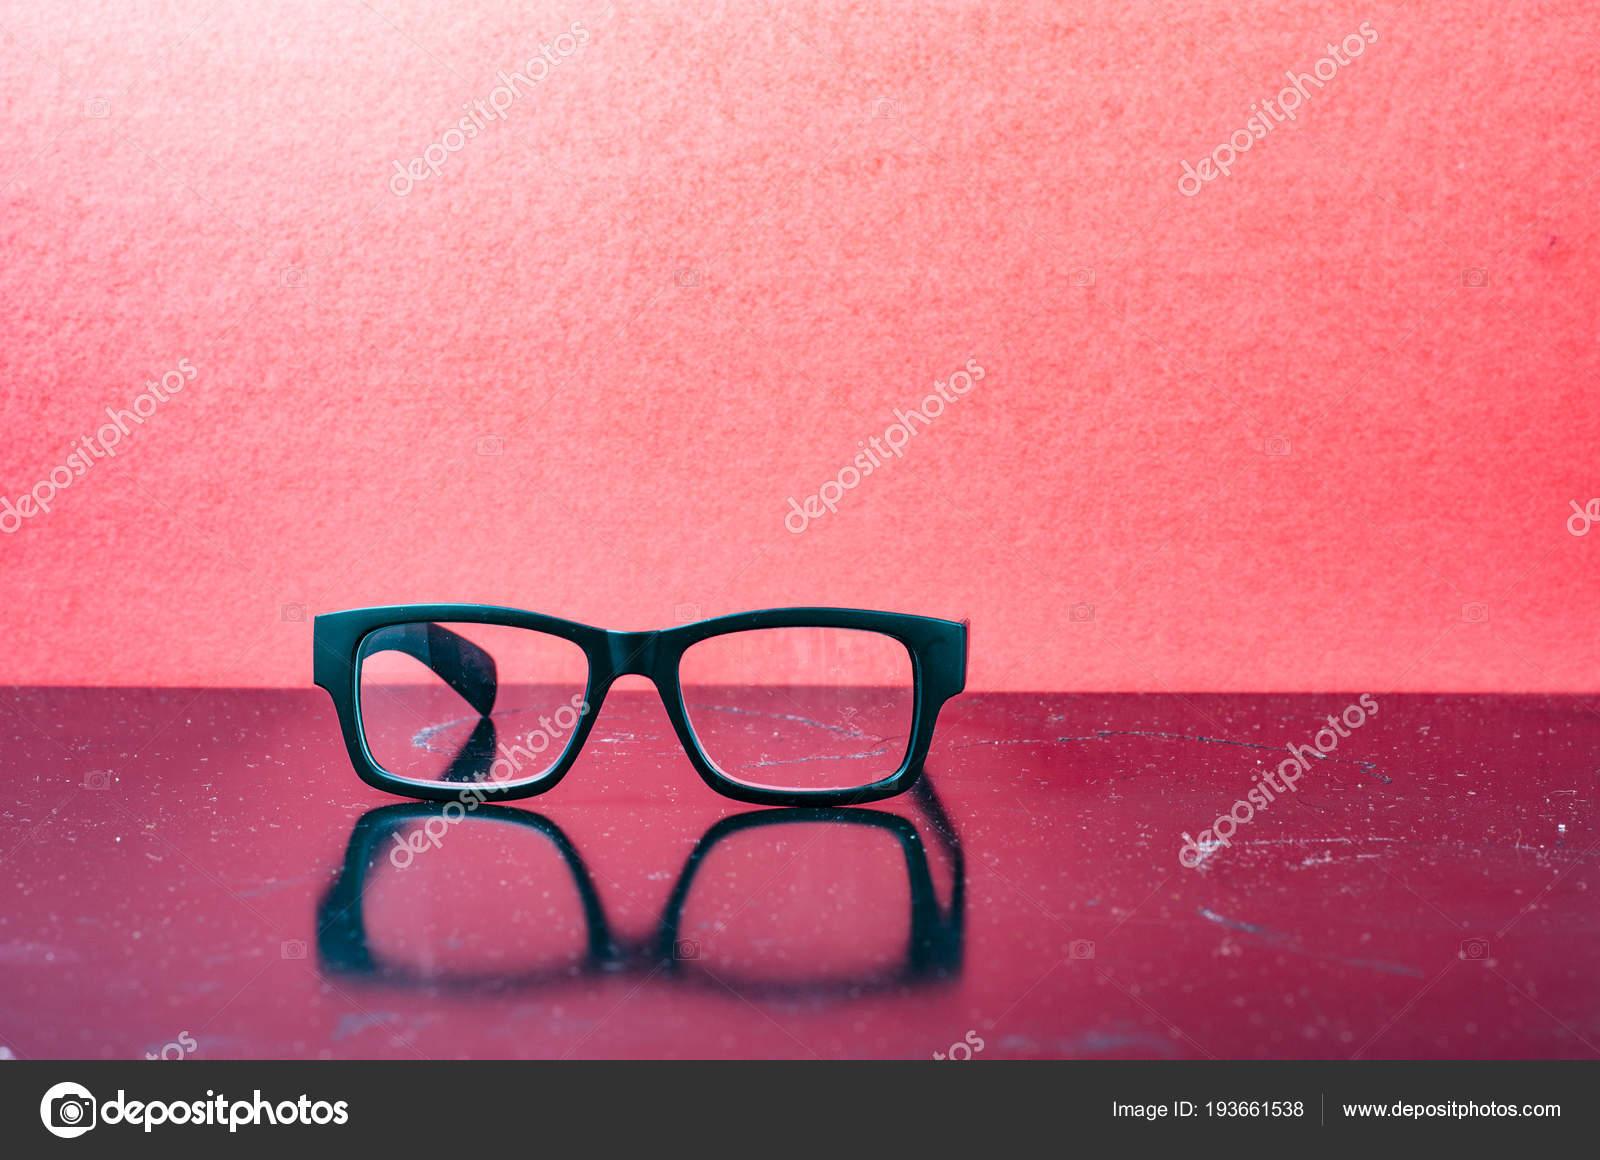 Konzeptionelle Fotografie des Lebens, Brille mit Matt schwarzem ...